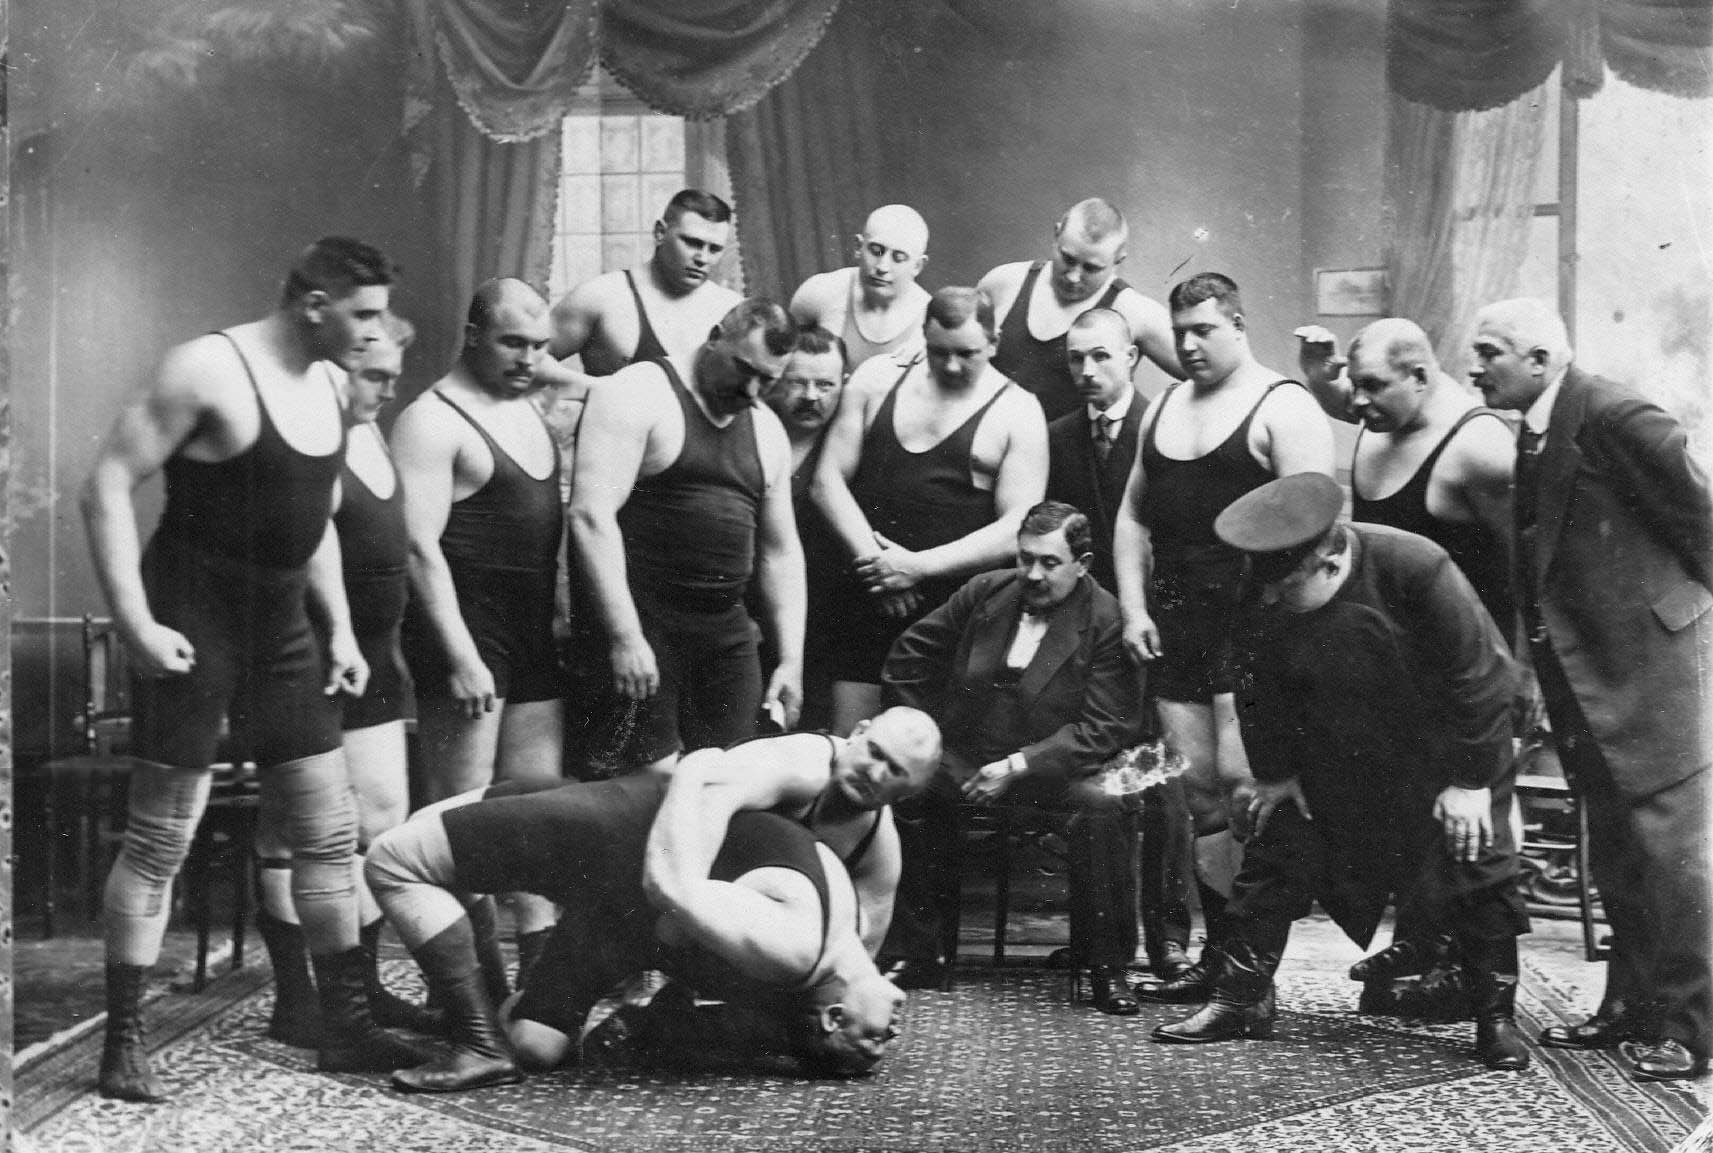 Группа участников чемпионата наблюдает за борьбой двух борцов